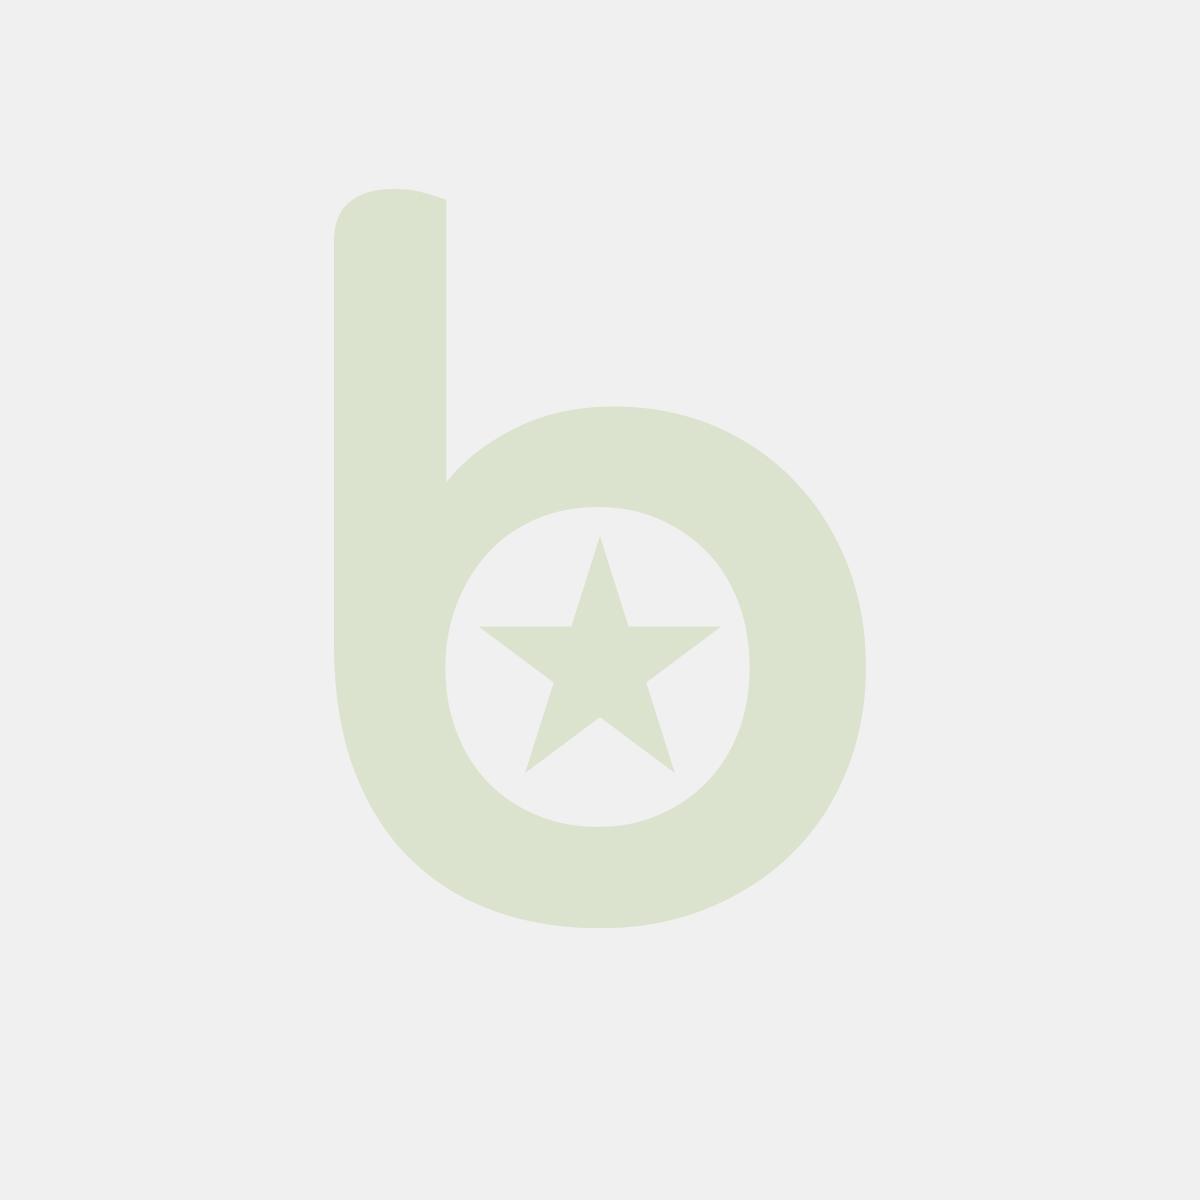 FINGERFOOD miseczka z trzciny, śr.7,2xh.3cm op. 50 sztuk